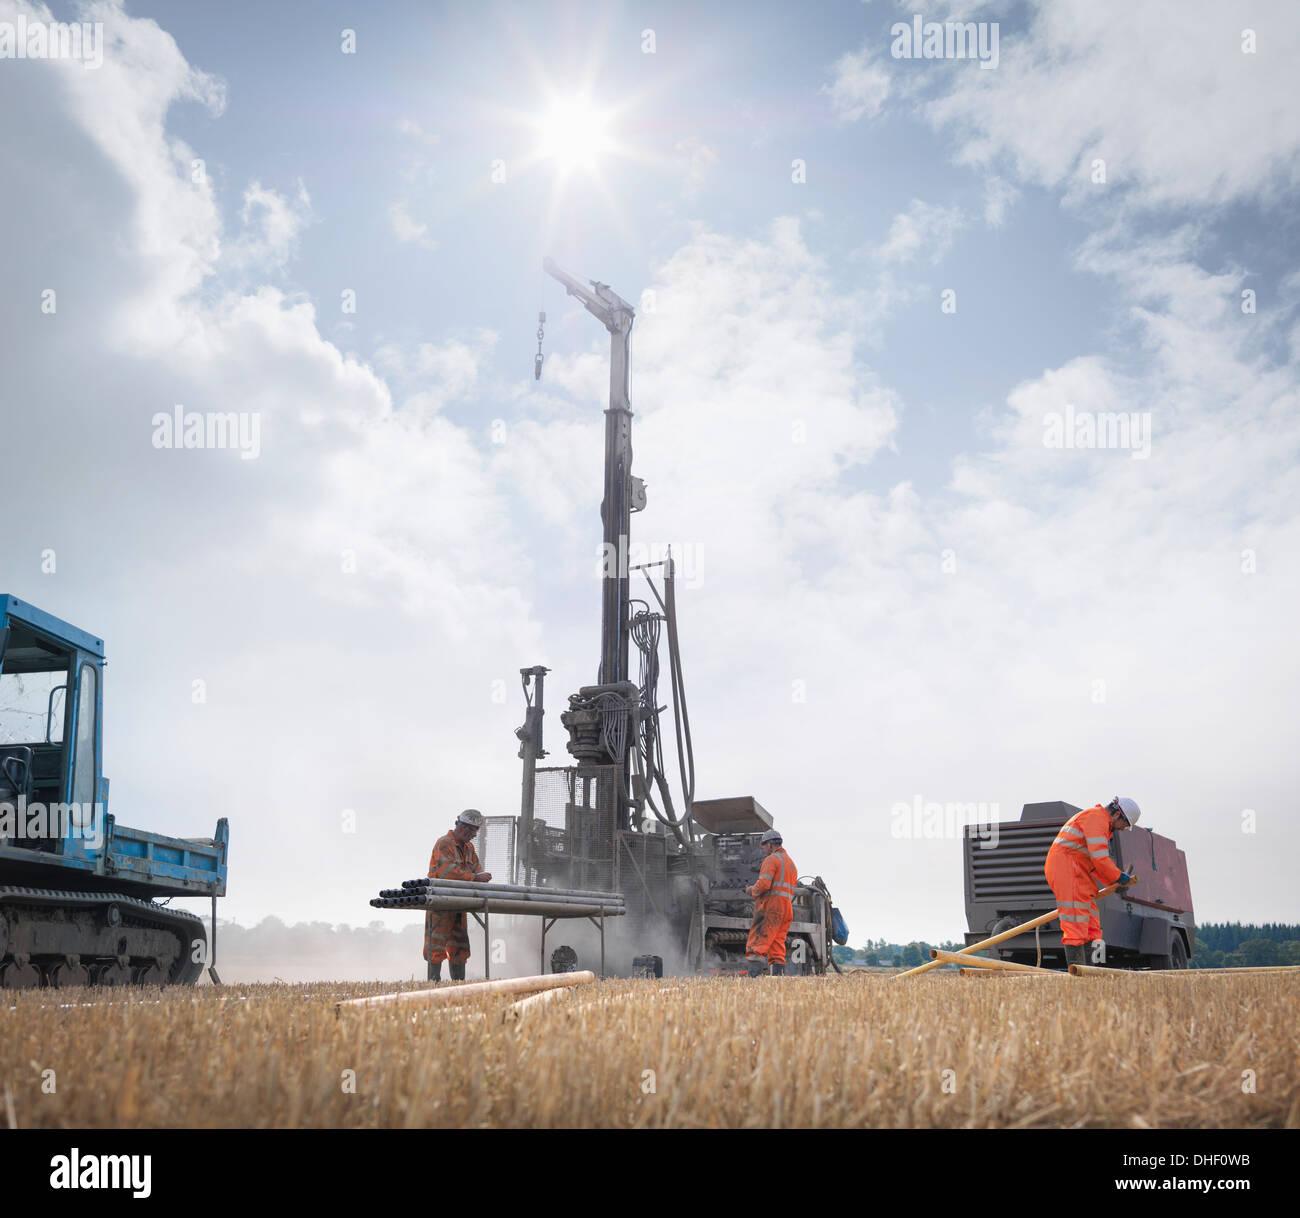 Arbeiter und Bohren Rig für Kohle im Bereich erkunden Stockbild